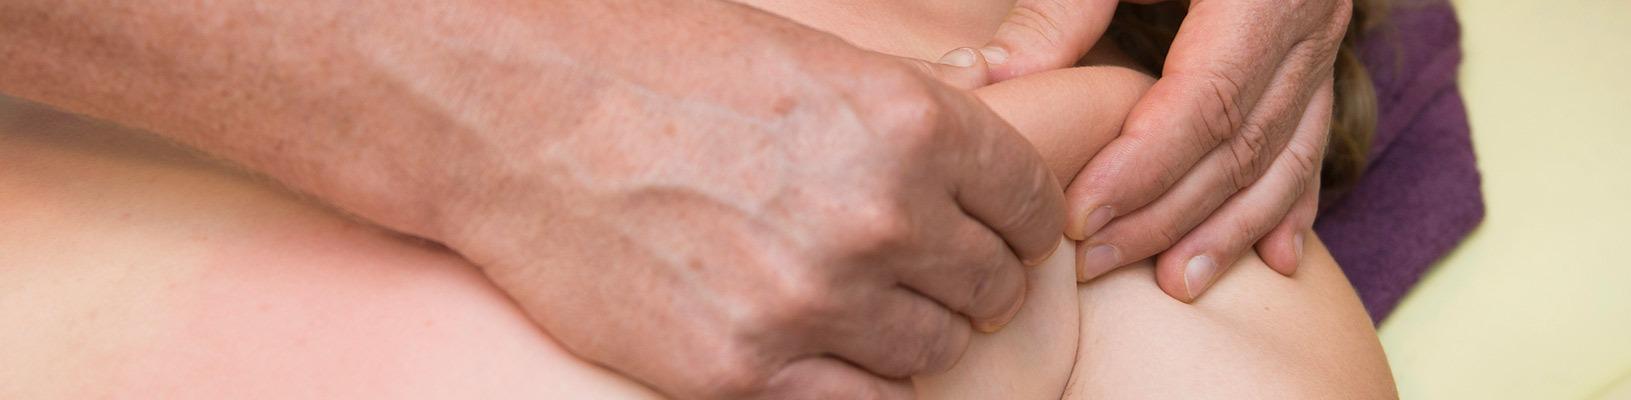 Fysiotherapie HeelHuus Gezondheidscentrum Warnsveld Zutphen